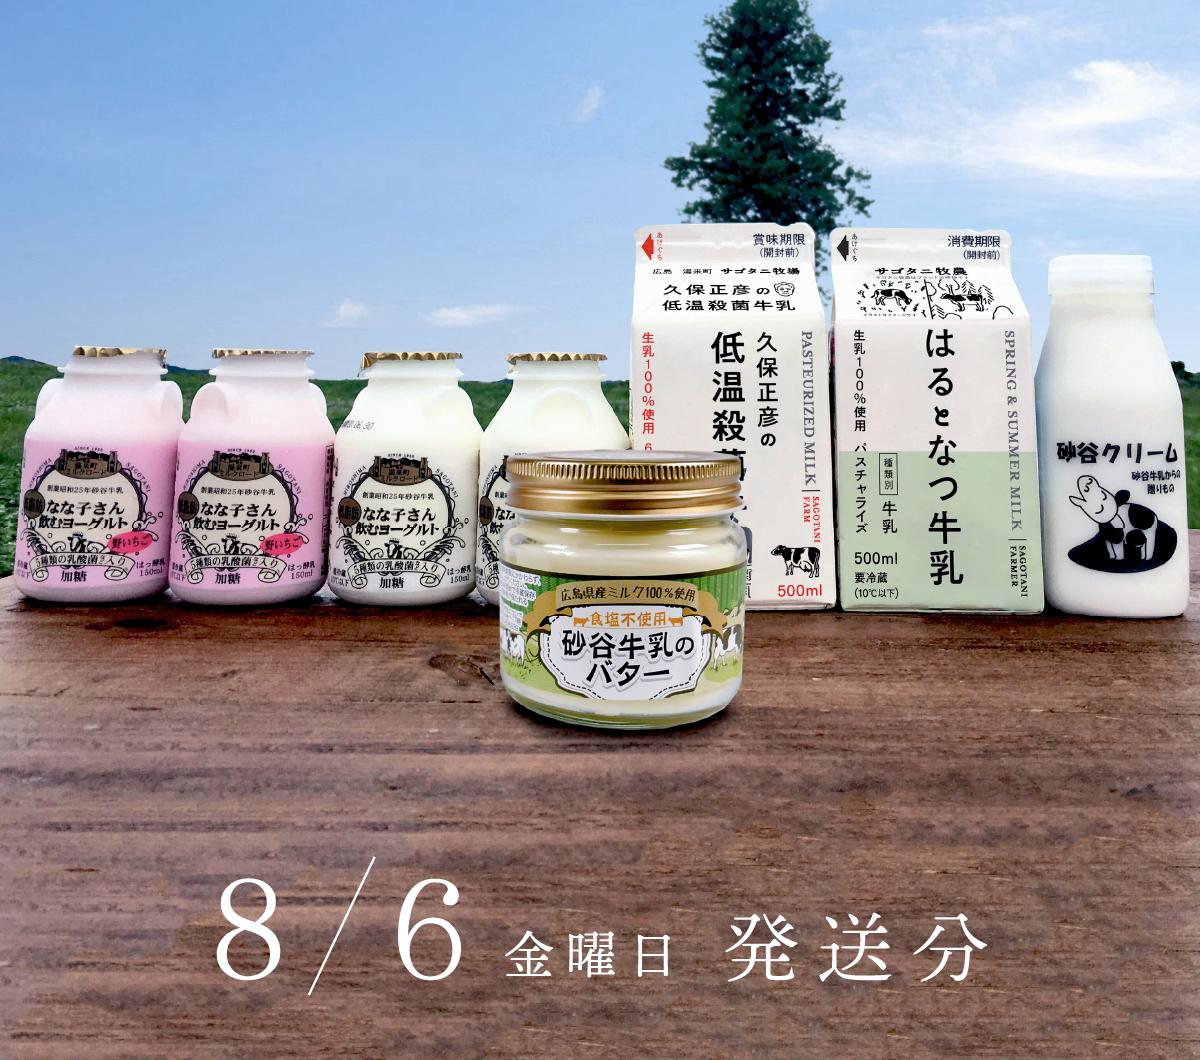 少量セットC バター&飲むヨーグルトセット(砂谷バター食塩不使用)8月6日(金)発送分